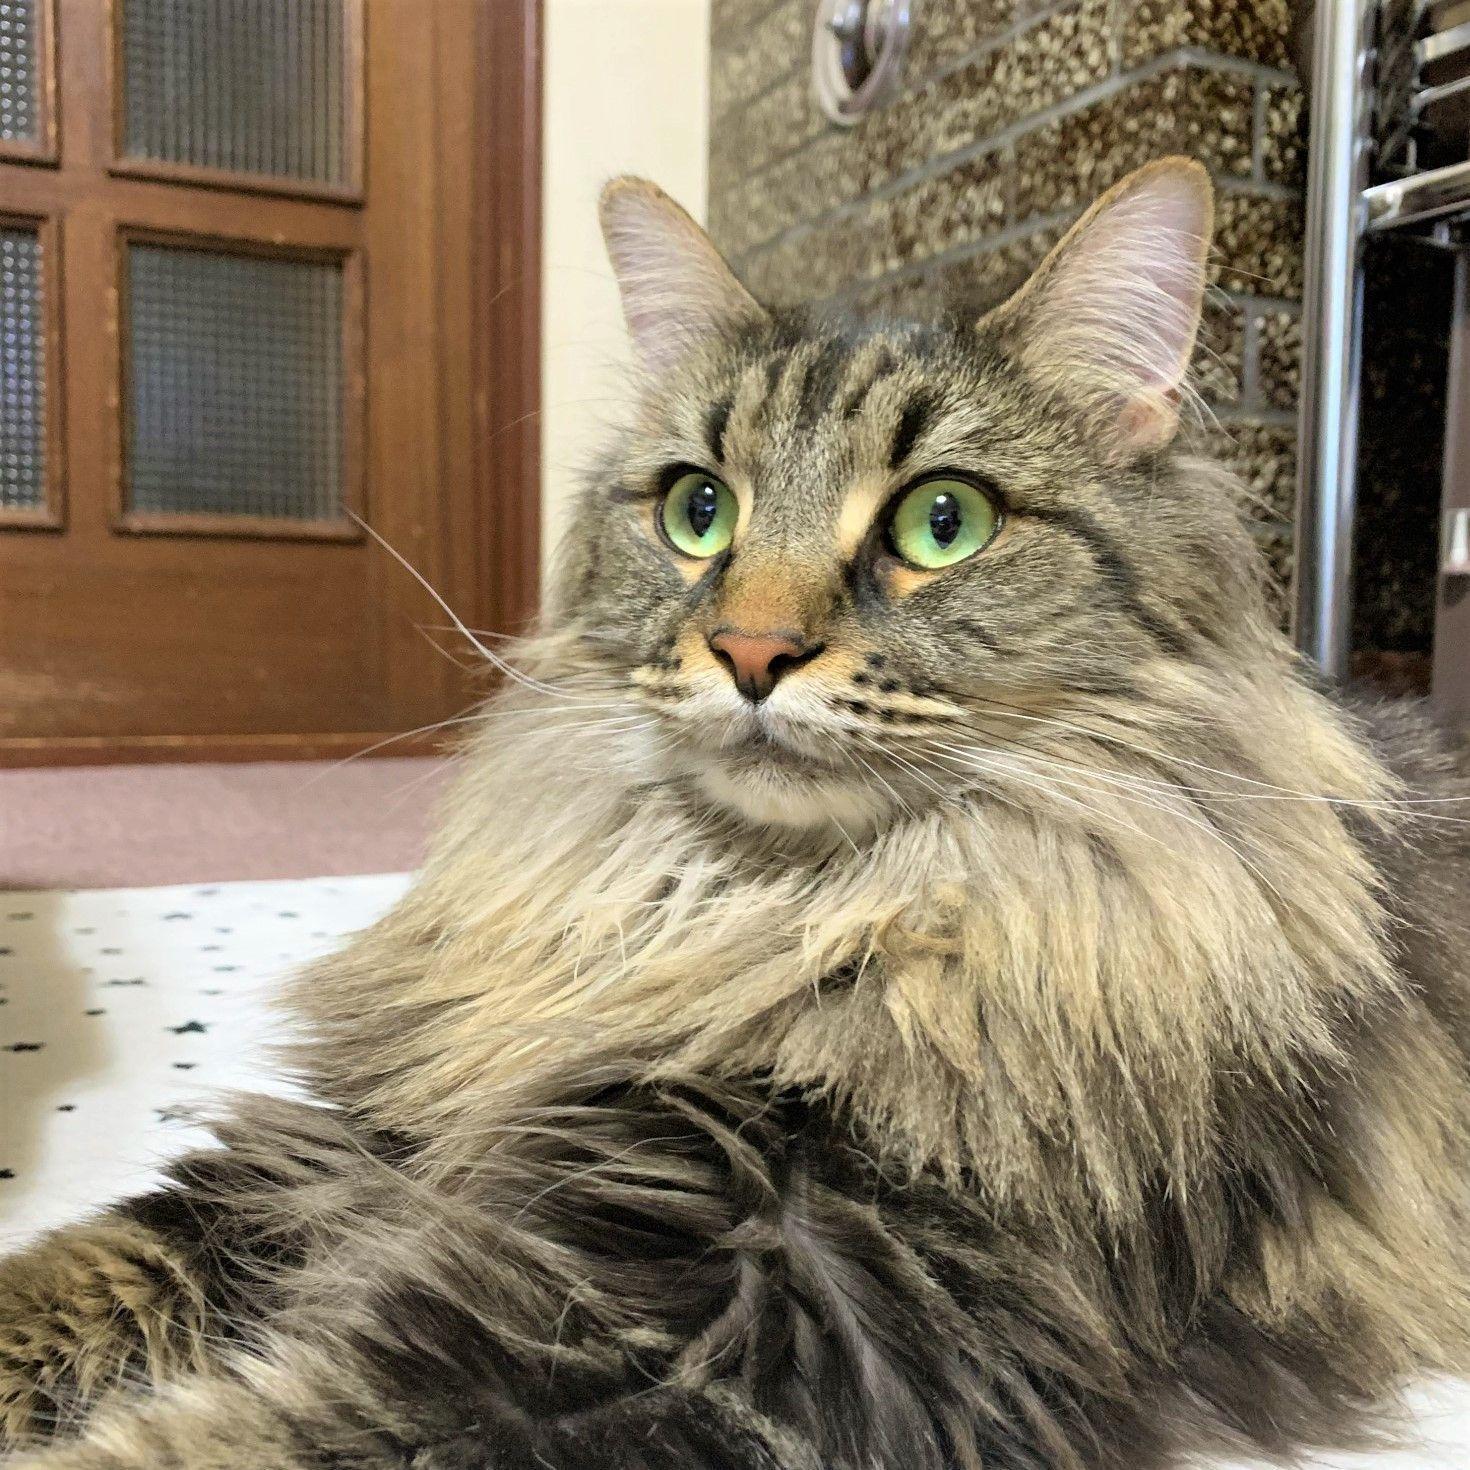 親バカですが、美男子くんです  ------------------ 【今日のねこちゃん】より  投稿者: アリサ バロン♂ / 3歳 / メインクーン ------------------ #猫好きさんとつながりたい #猫 #ねこ #子猫 #ねこ部 #にゃんすたぐらむ #にゃんこ #にゃんだふるライフ #ふわもこ部 #ネコ #ねこのいる生活 #kitty #catstagram #catstagram_japan #petstagram #instacat #meow #catoftheday #ilovemycat